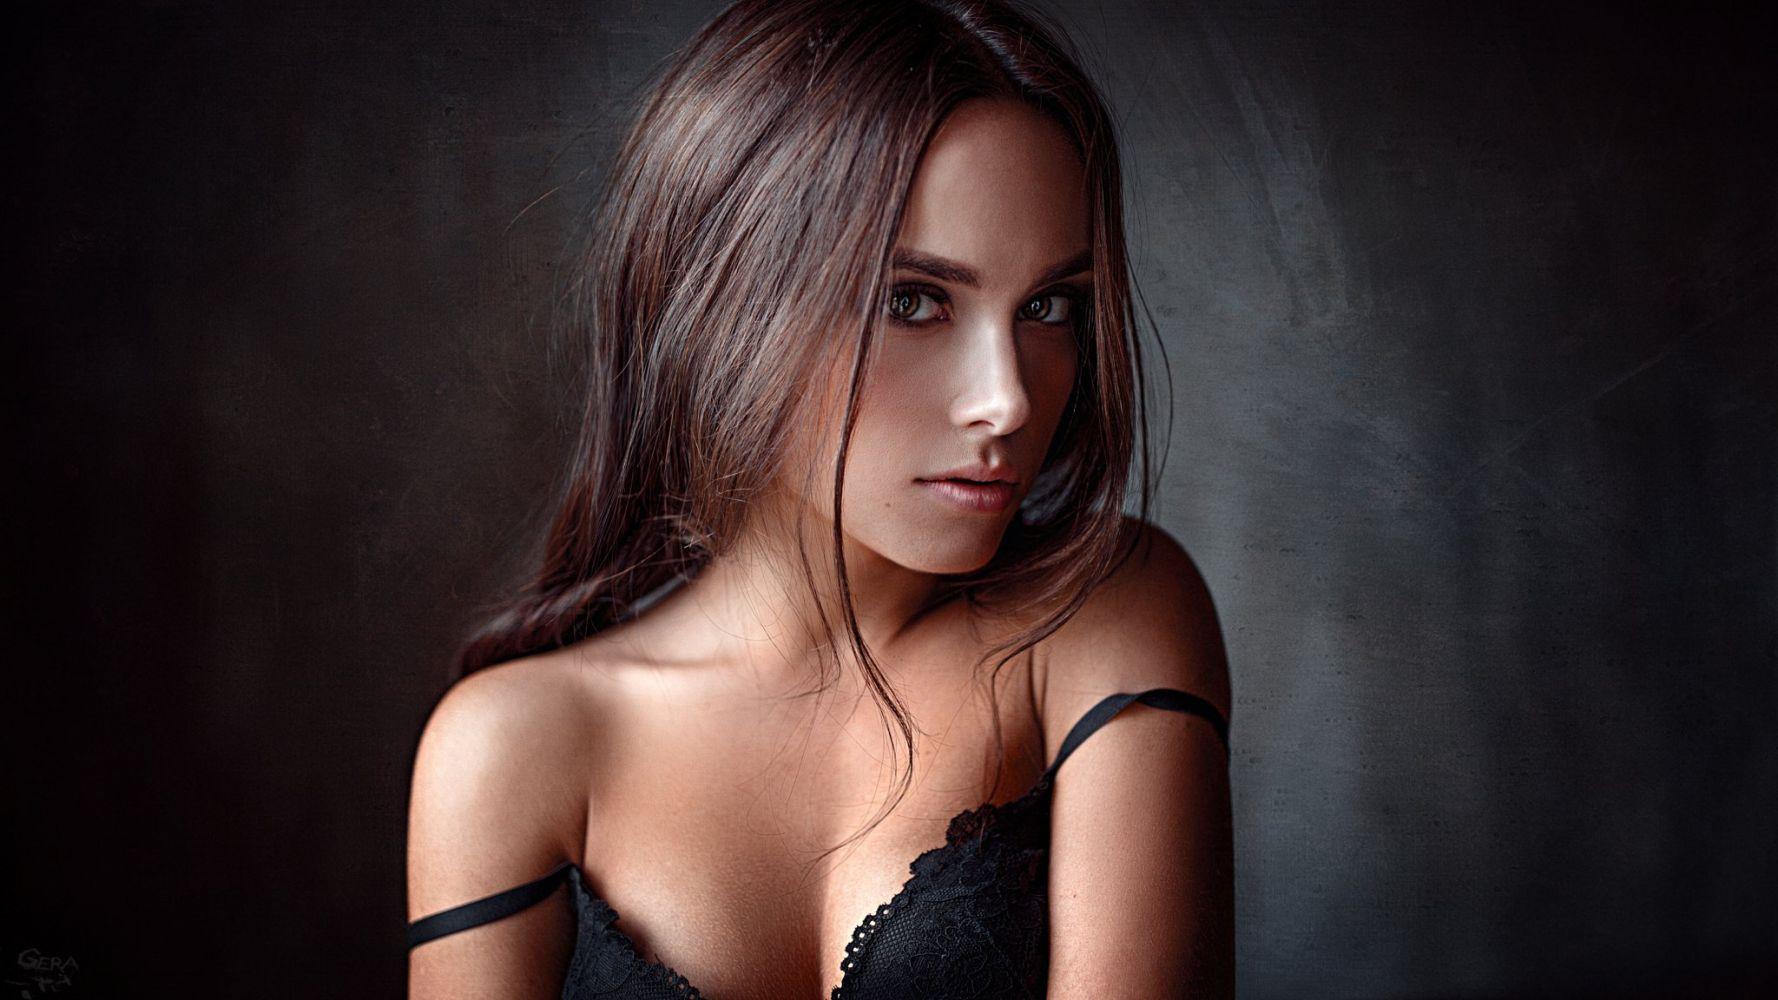 Tasteful nj boudoir photos that whisper sexy